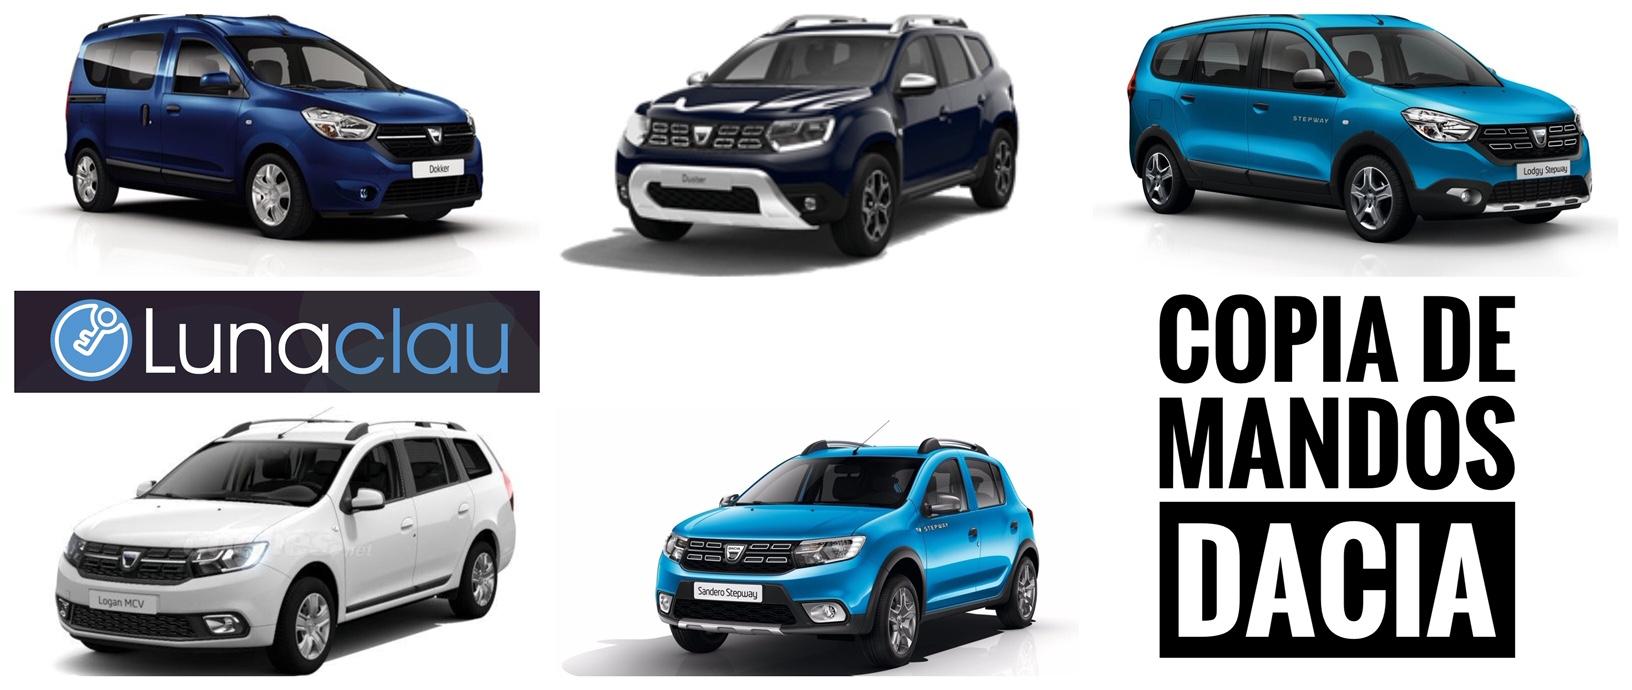 Copia de mandos Dacia en Valencia